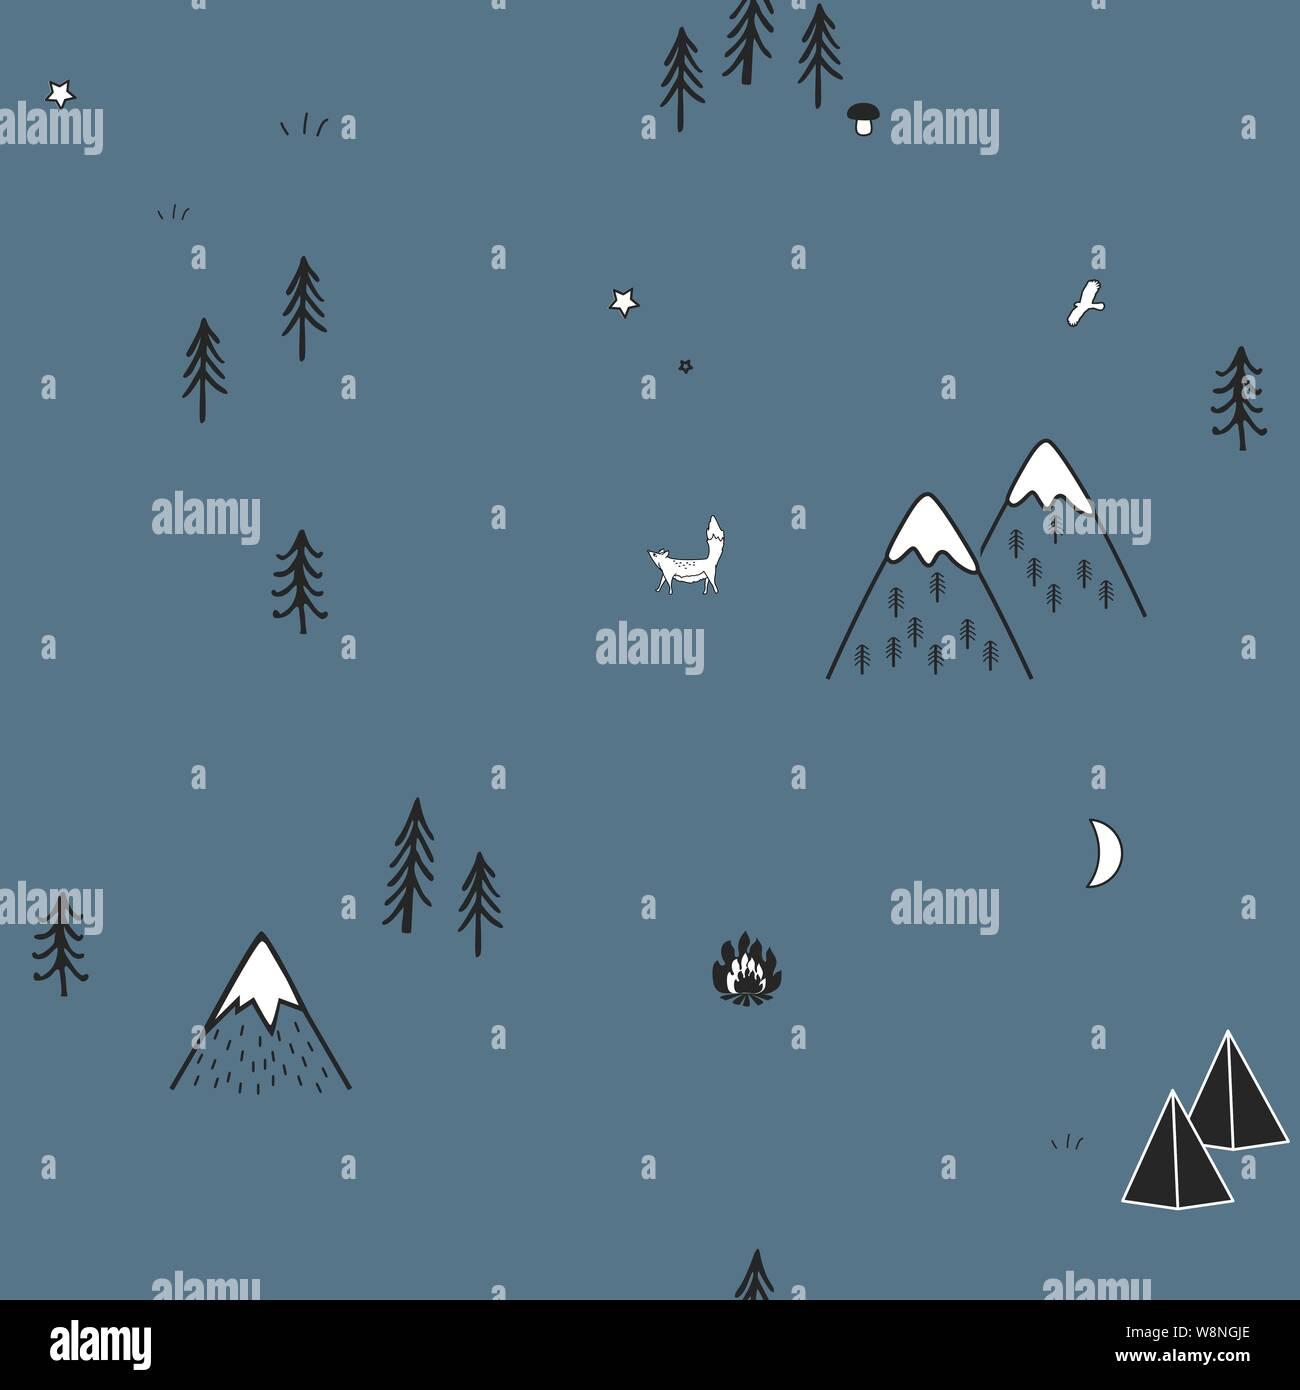 Cute hand drawn seamless pattern avec les tentes de camping, d'incendie, d'arbres et de montagnes. Fond des bois scandinaves créatifs. La forêt. Vector Illustration de Vecteur